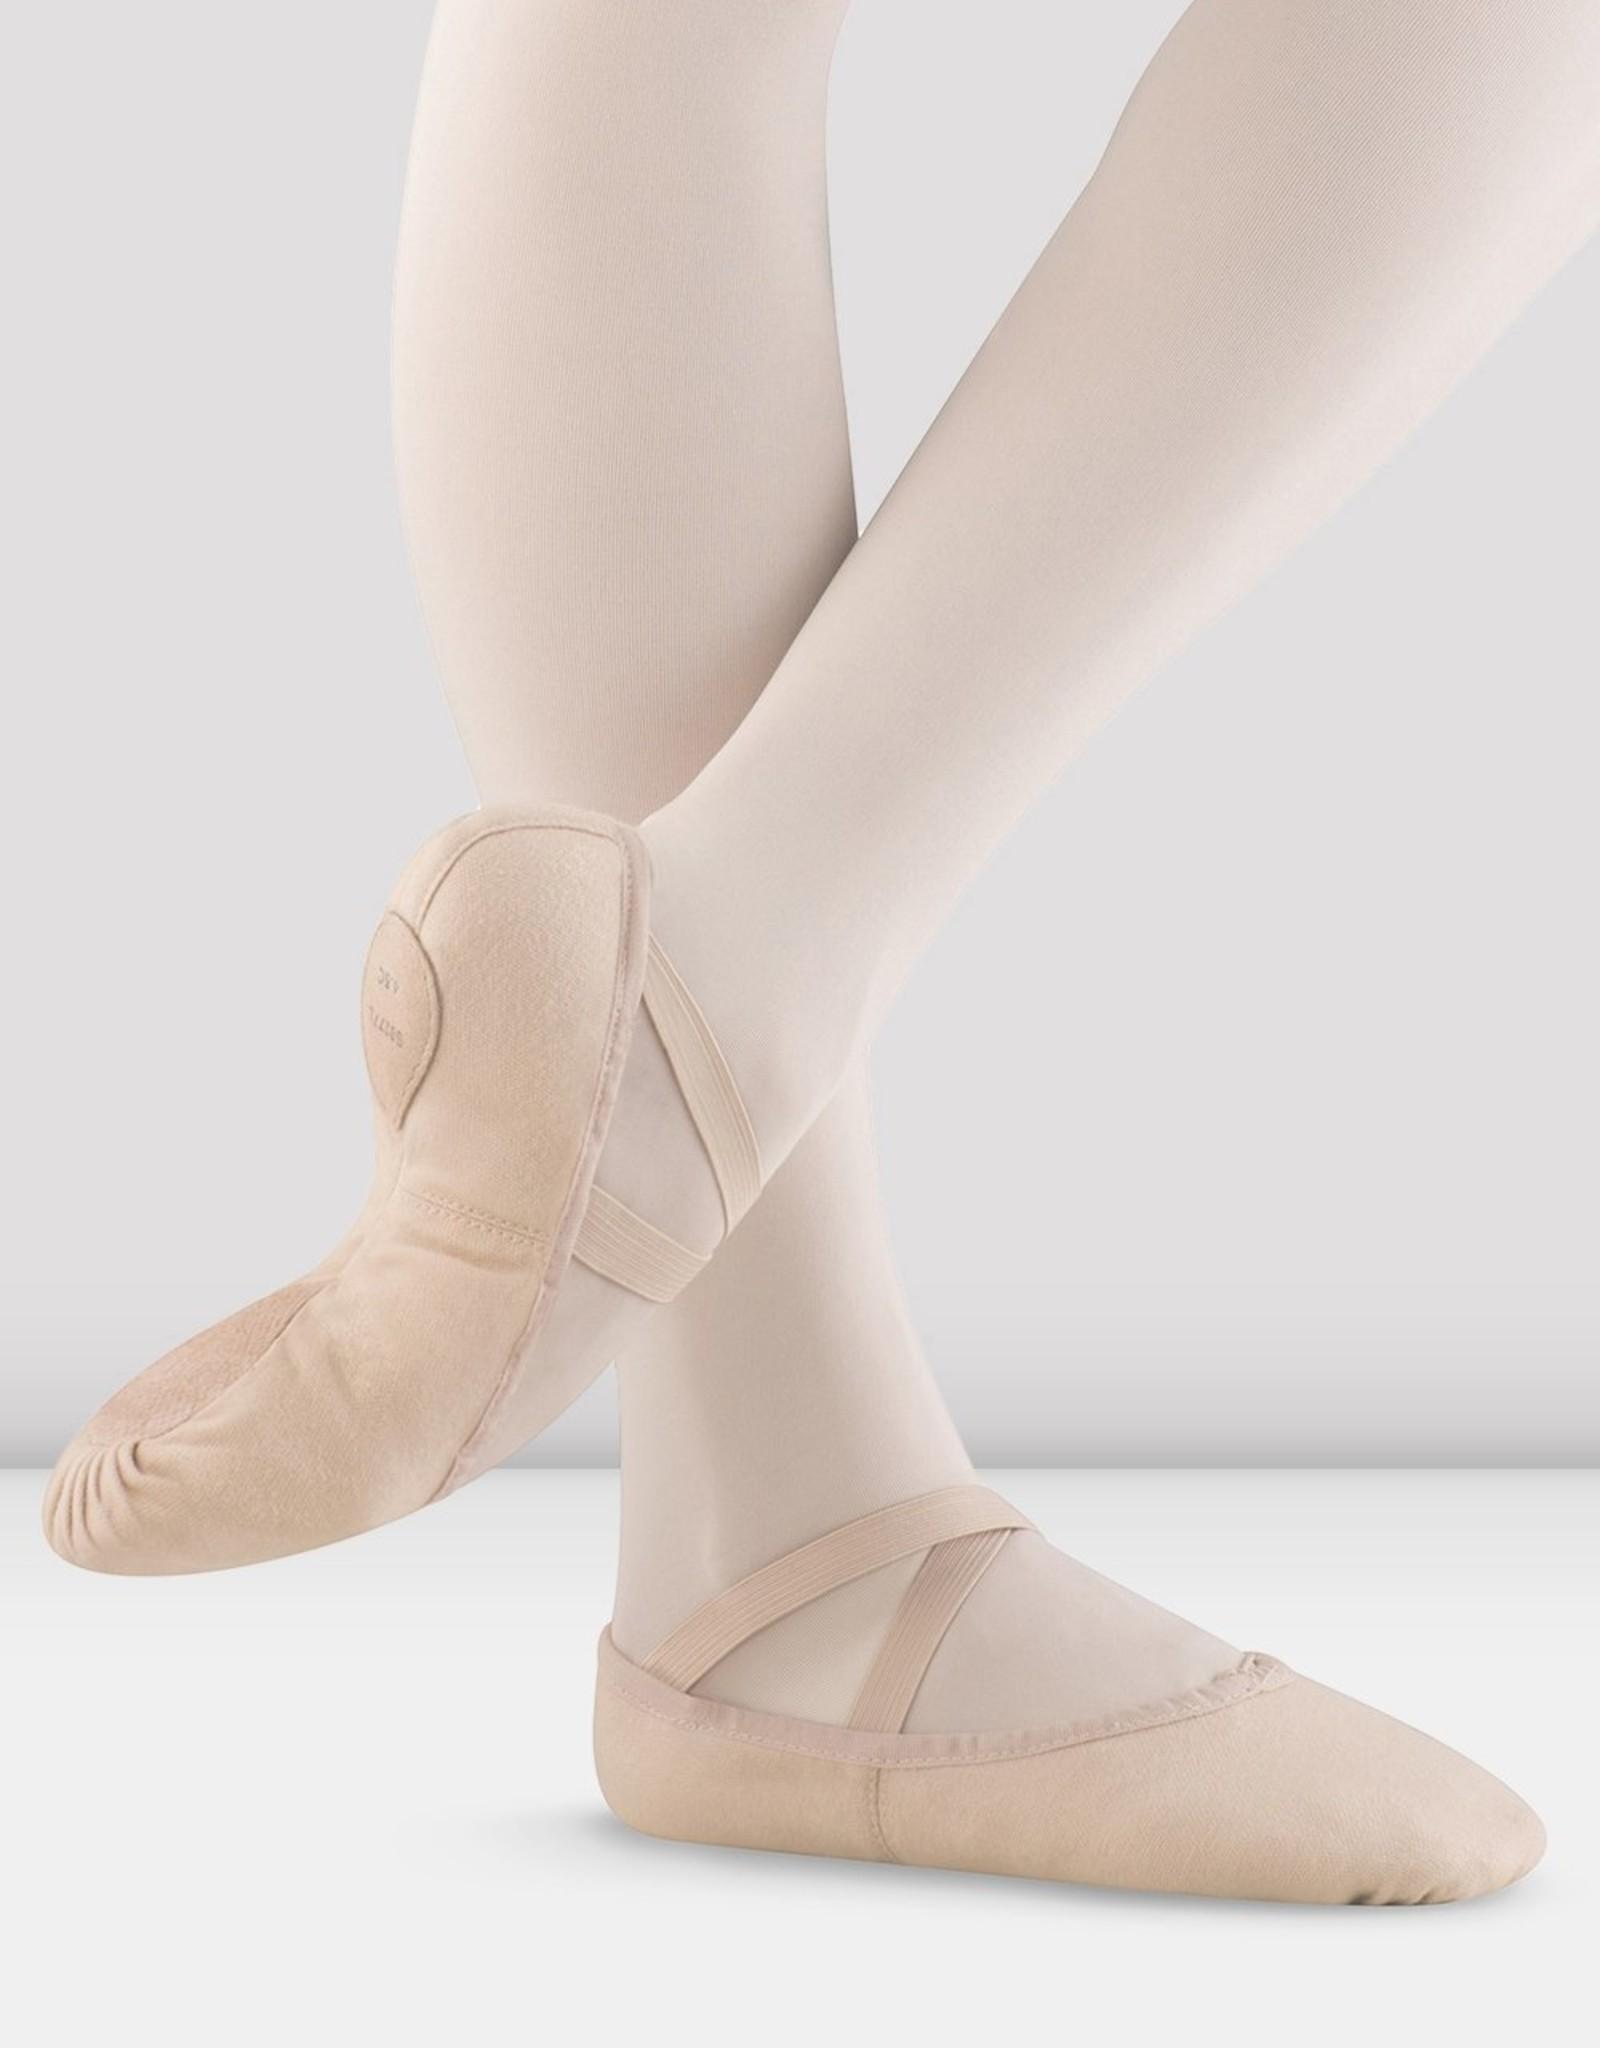 Bloch Bloch Pump Canvas Ballet Shoe Girls S0277G